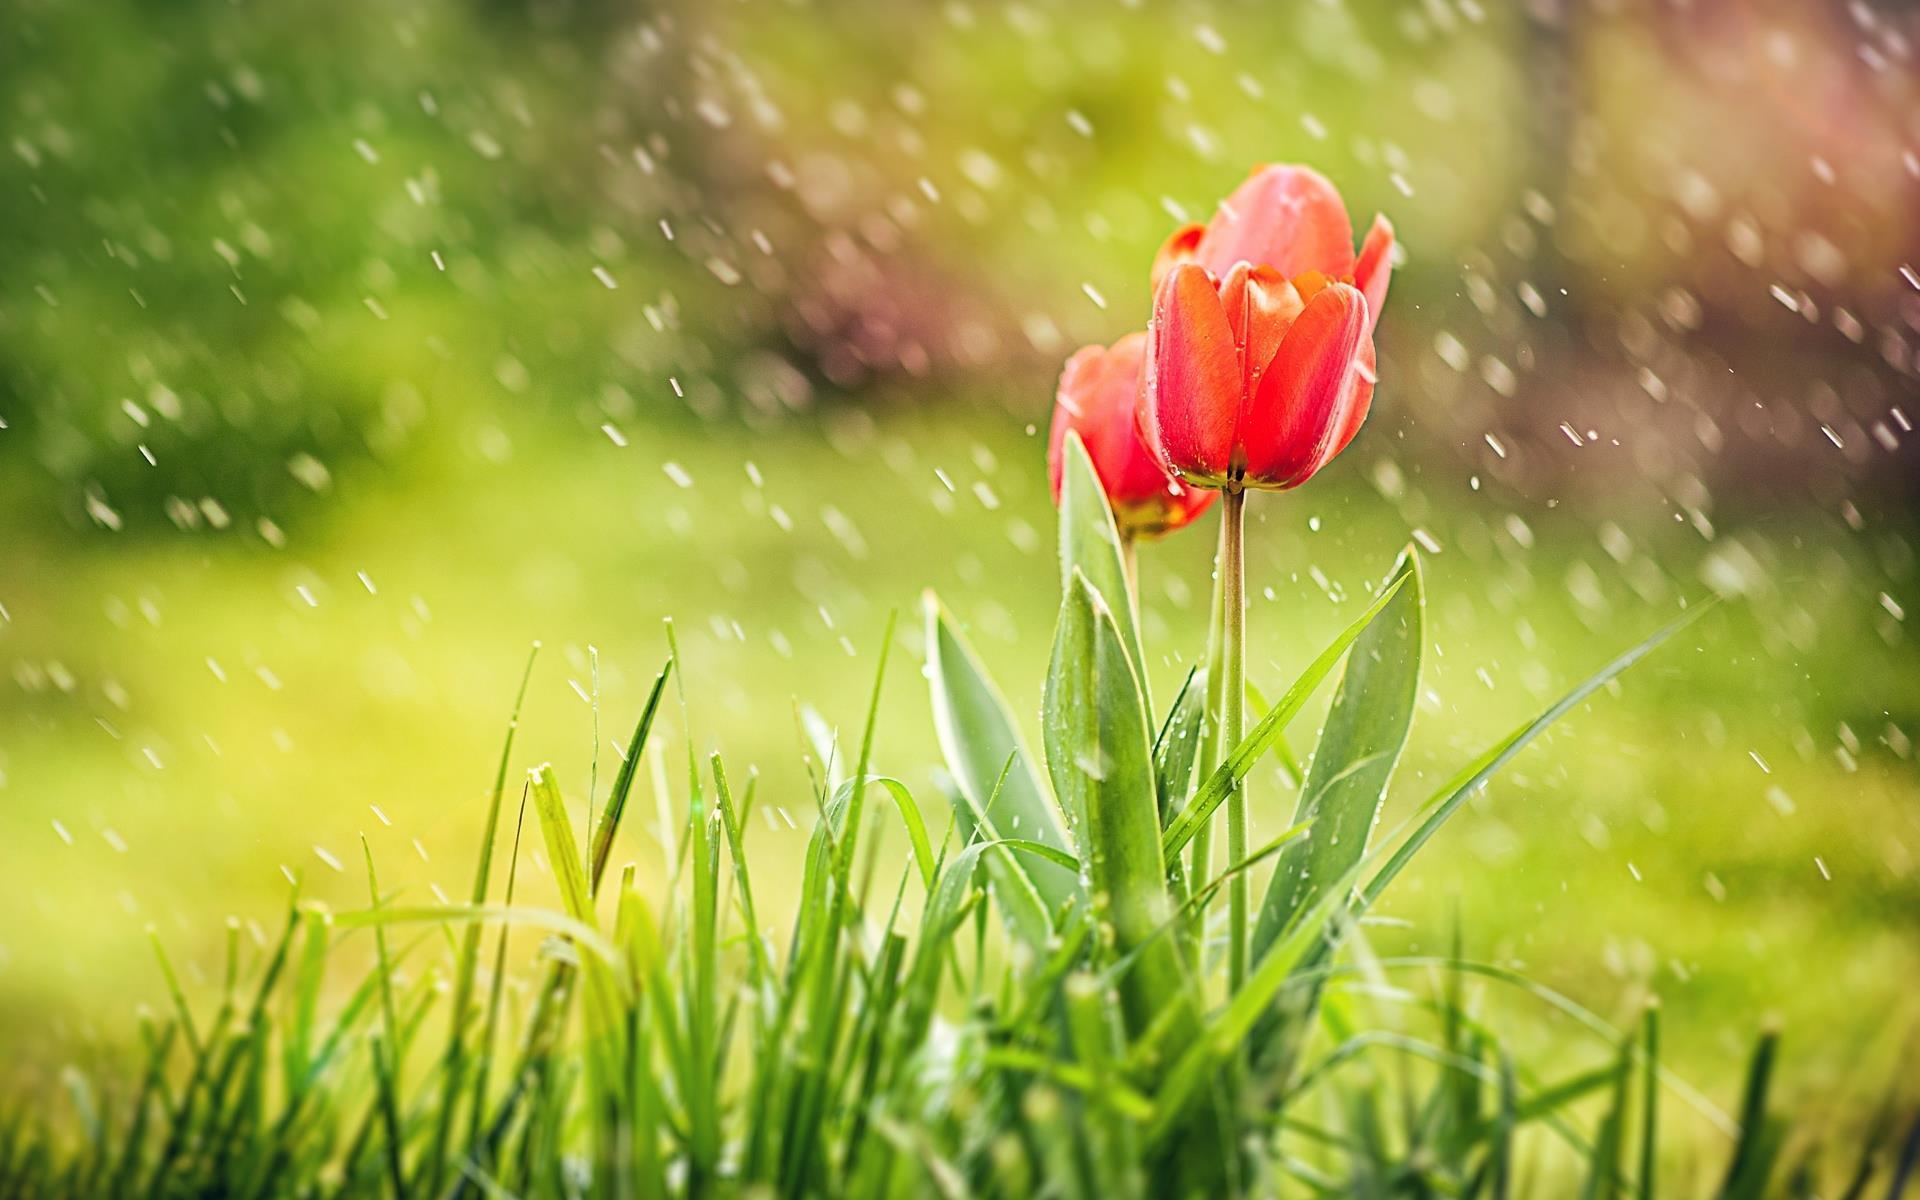 comment-trouver-des-fleurs-gratuites-pour-mon-ordinateur_3